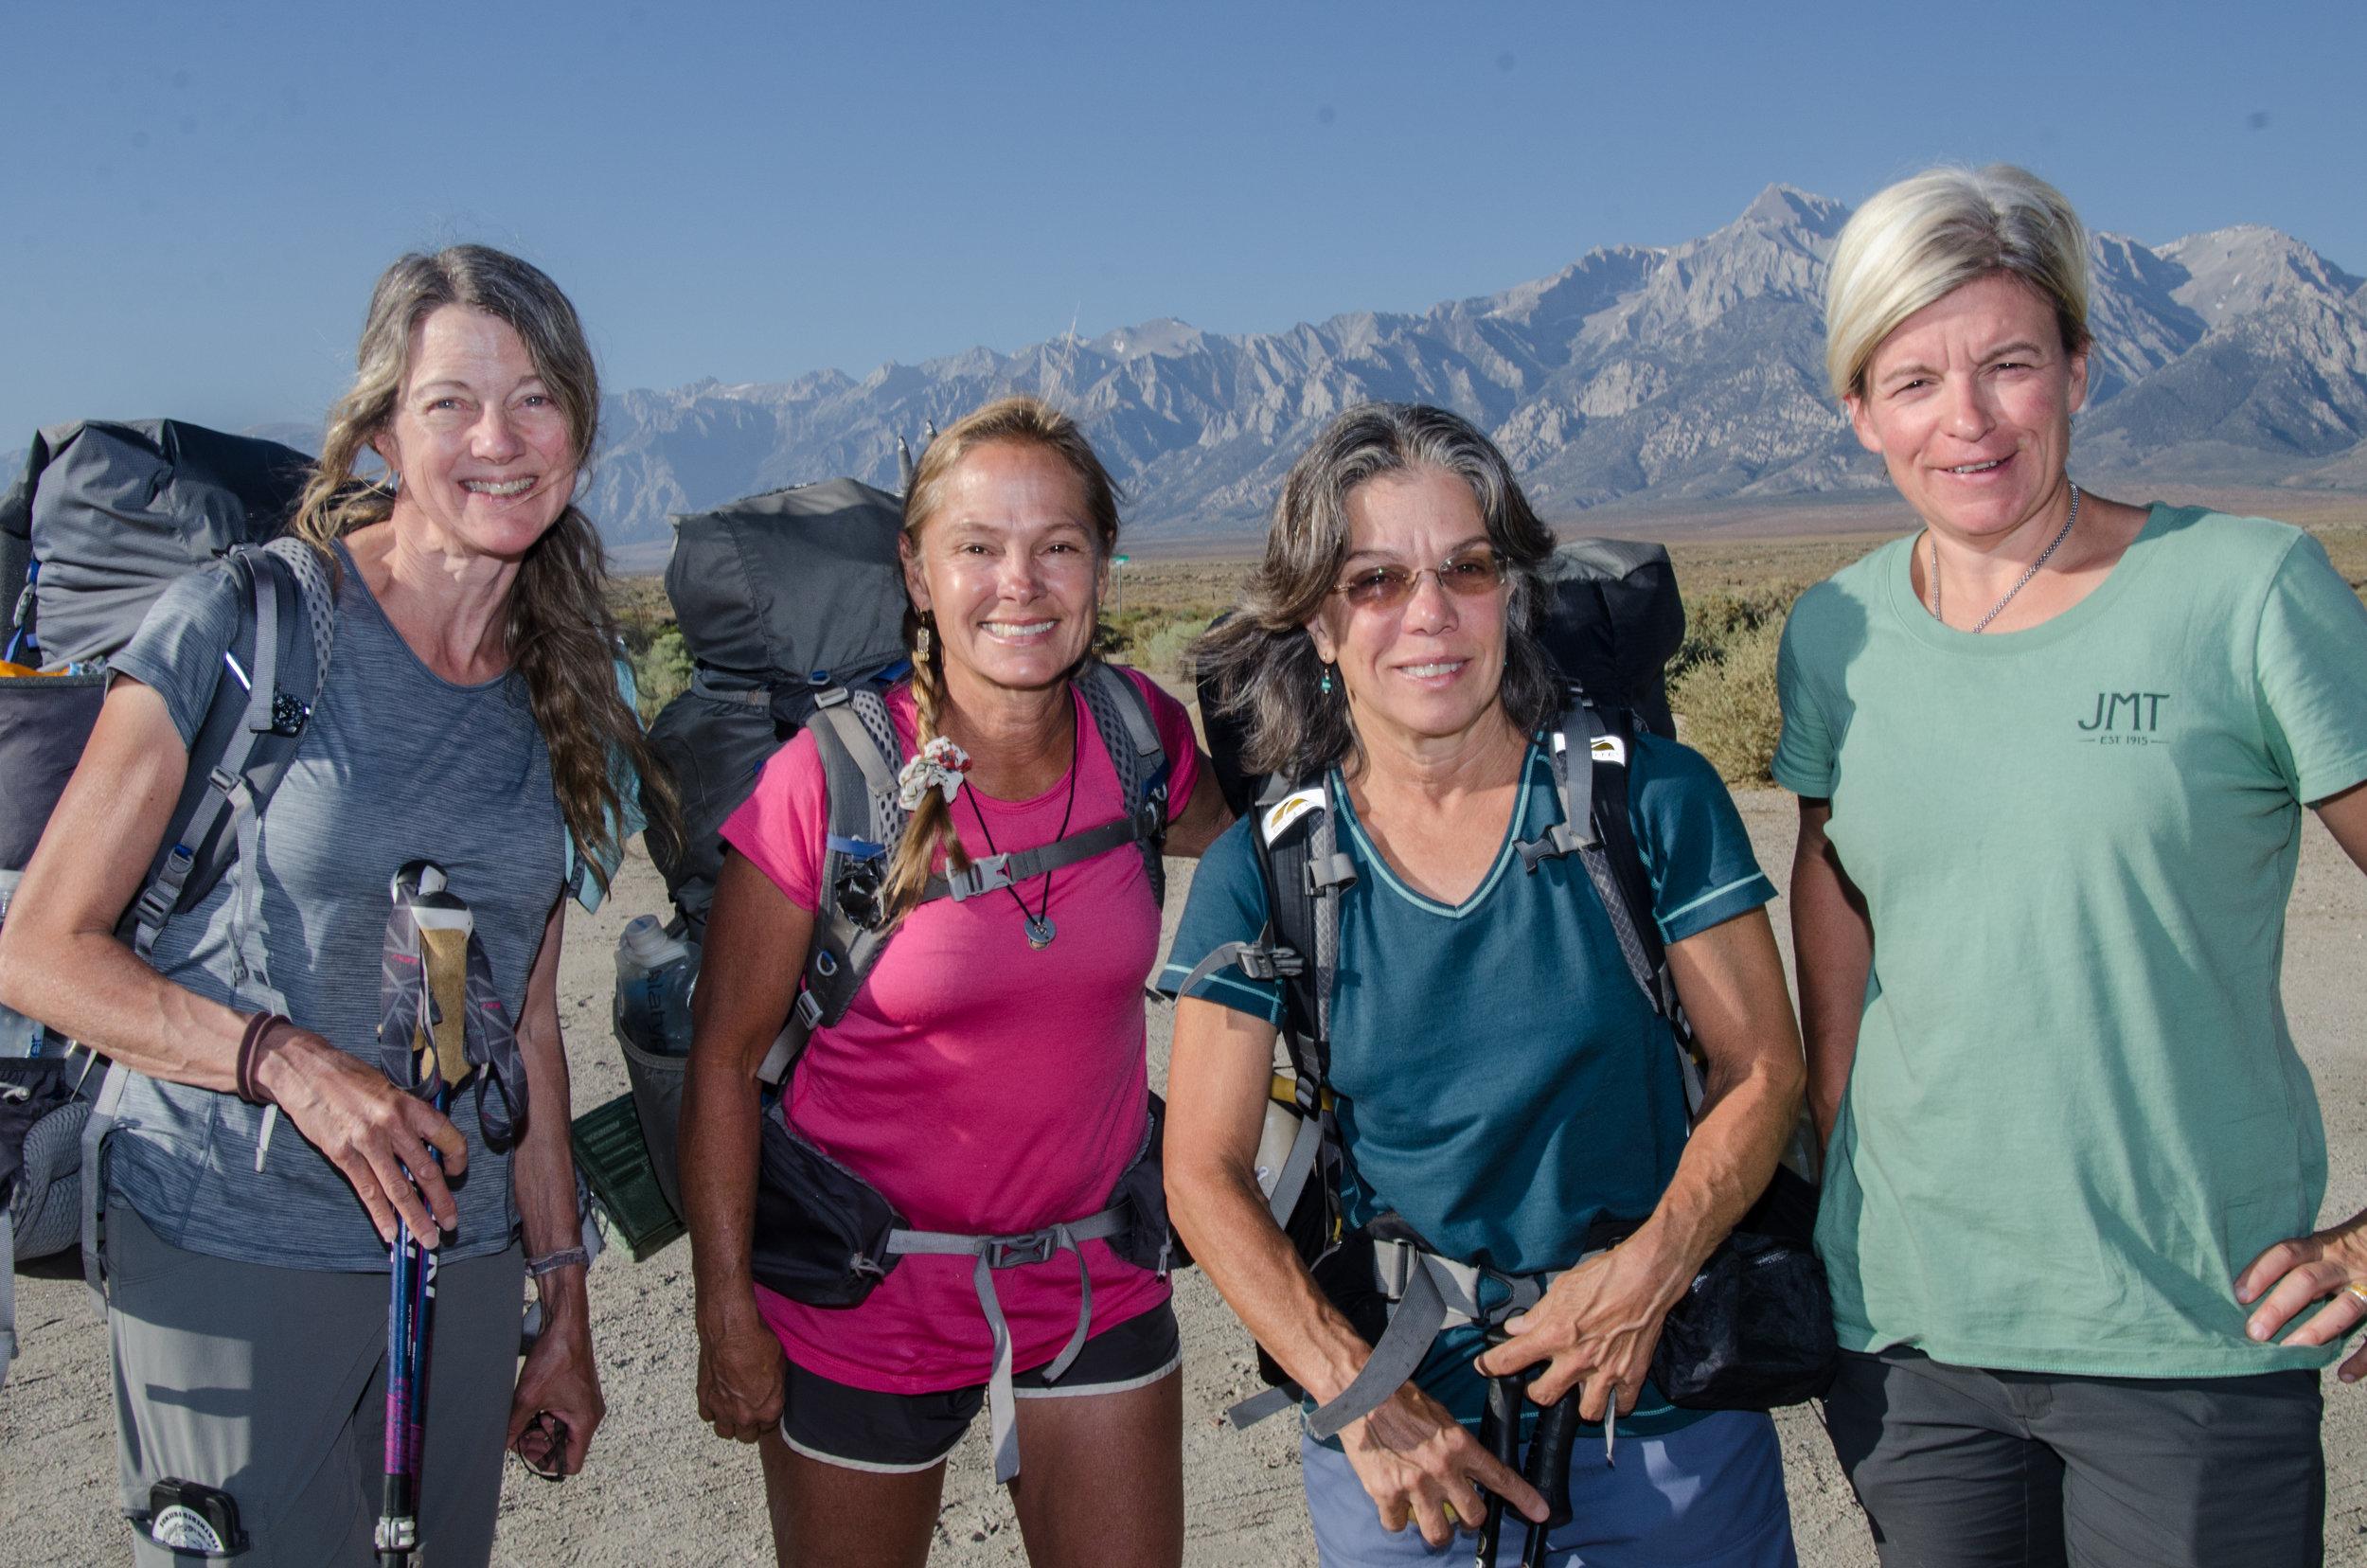 aug26 hikers-1-2.jpg